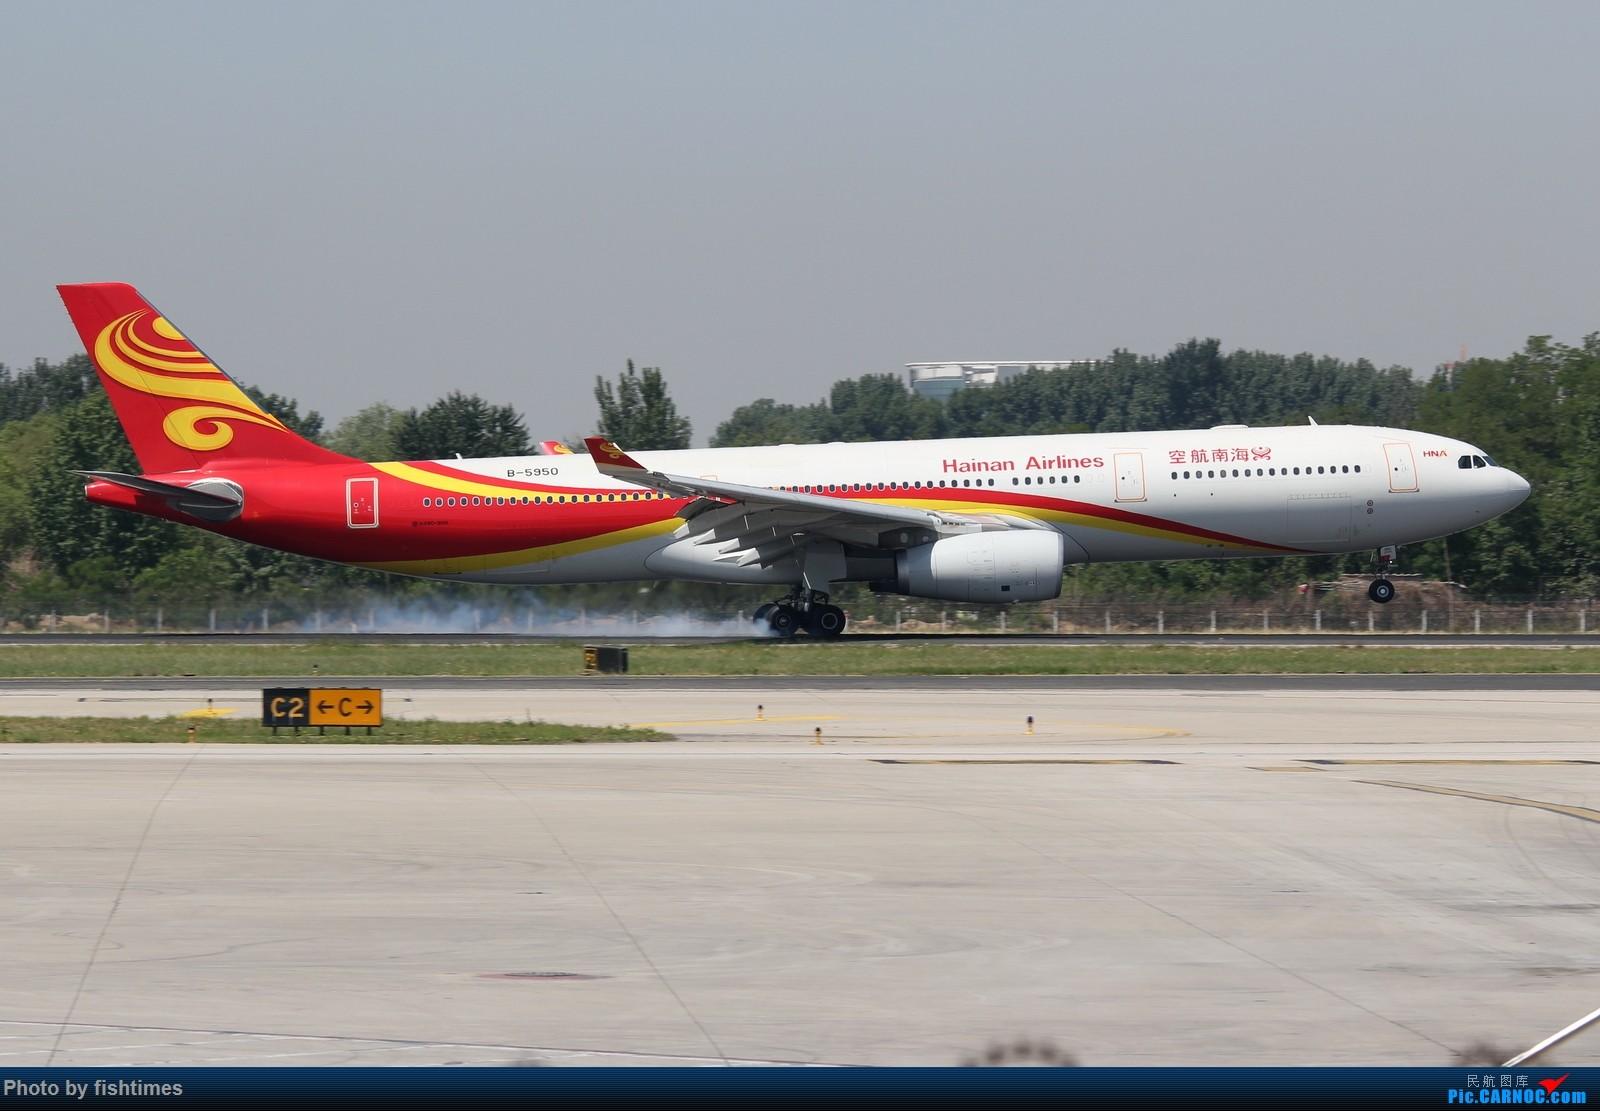 Re:[原创]【PEK】20150516_RWY36L_接地+擦烟 AIRBUS A330-300 B-5950 中国北京首都国际机场